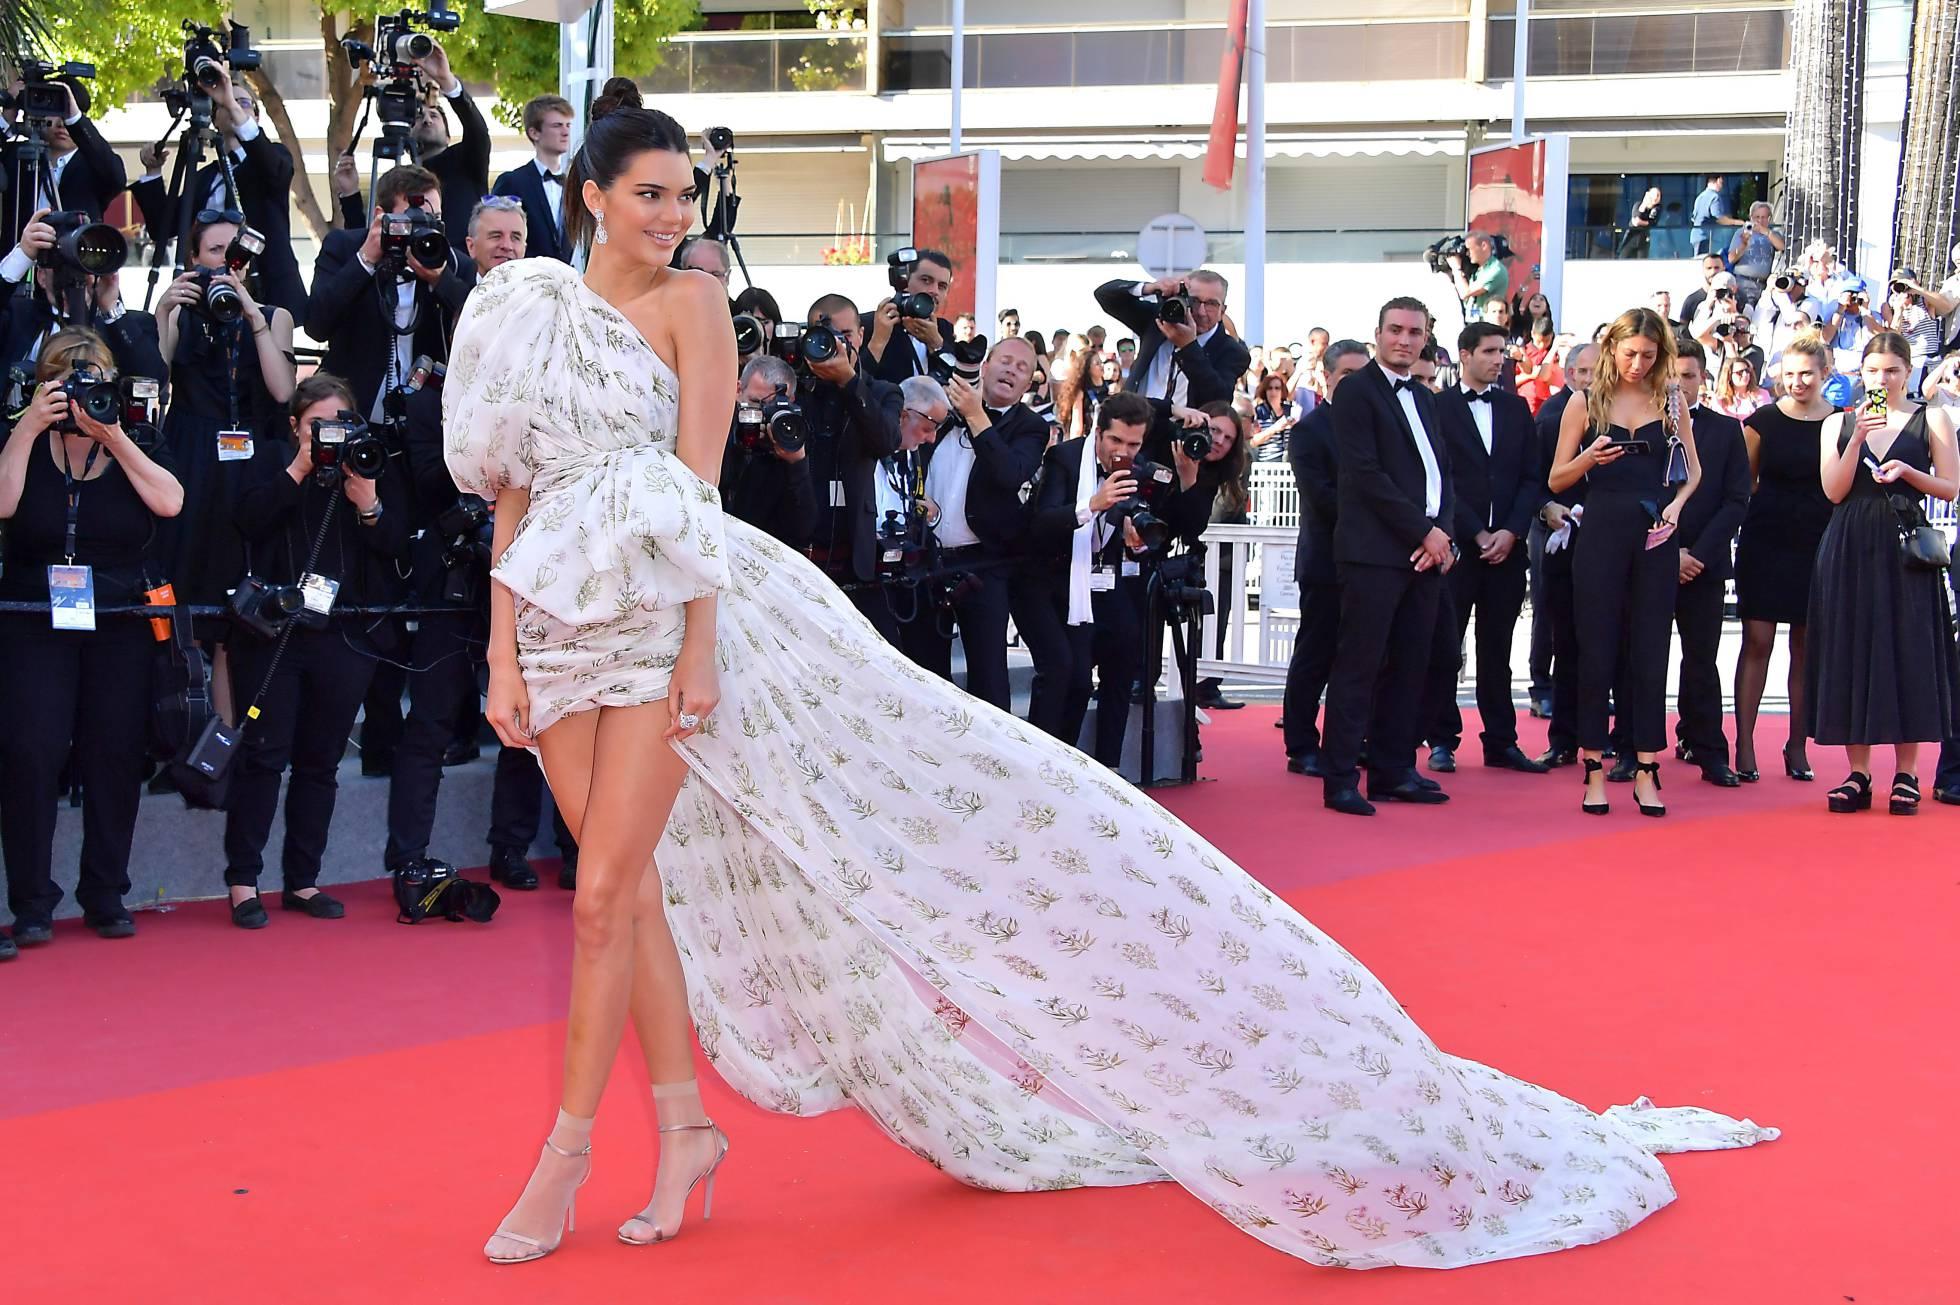 La modelo Kendall Jenner, luciendo sandalias con calcetines en verano en la alfombra roja del Festival de Cannes el pasado 20 de mayo